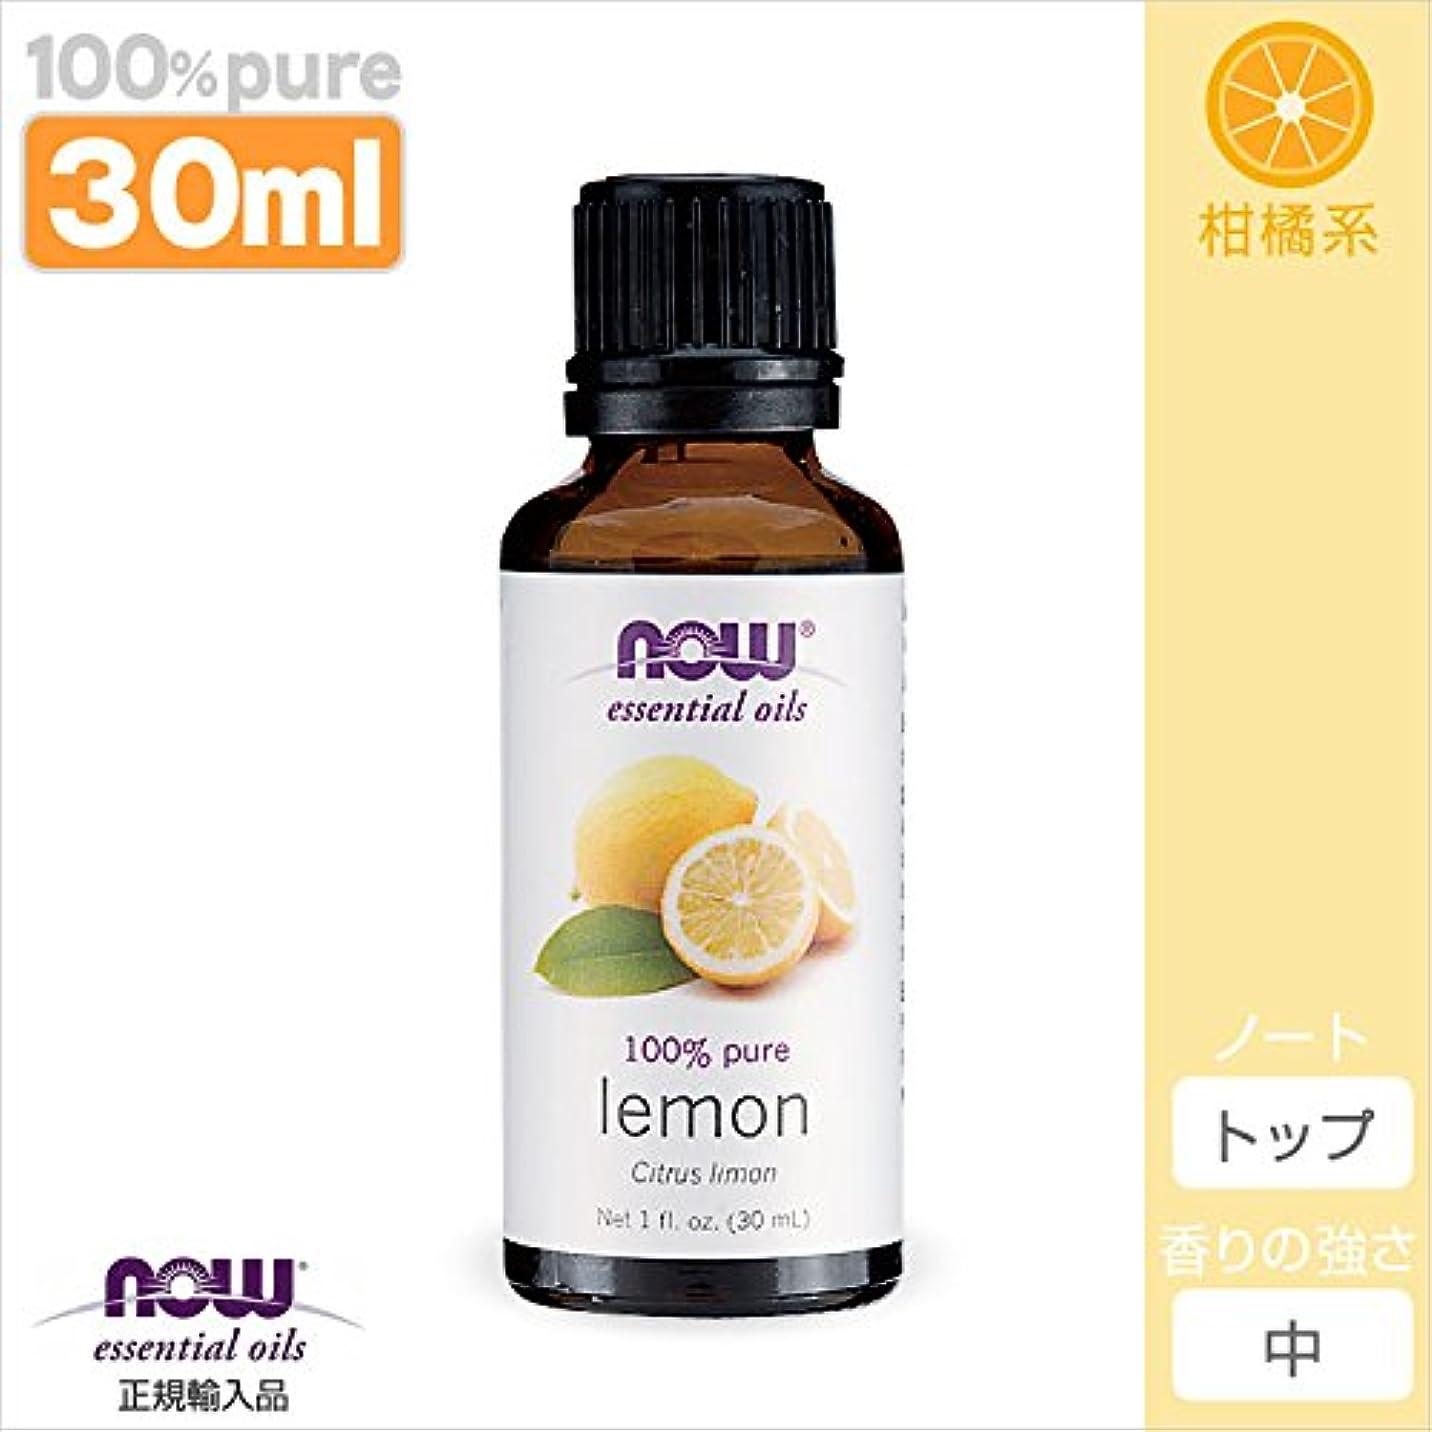 市民権解放流行しているレモン 精油[30ml] 【正規輸入品】 NOWエッセンシャルオイル(アロマオイル)